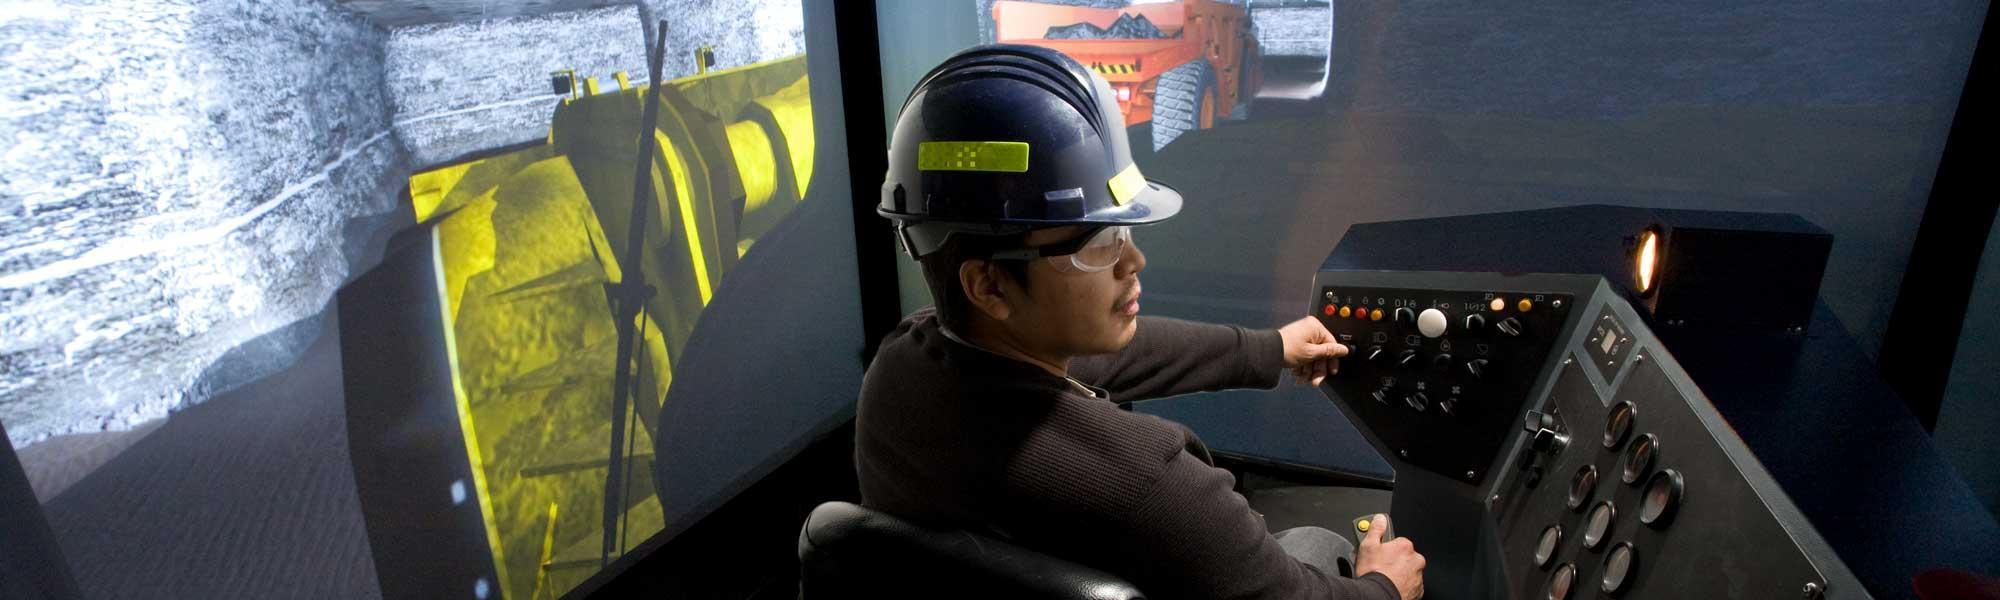 Underground Miner Training